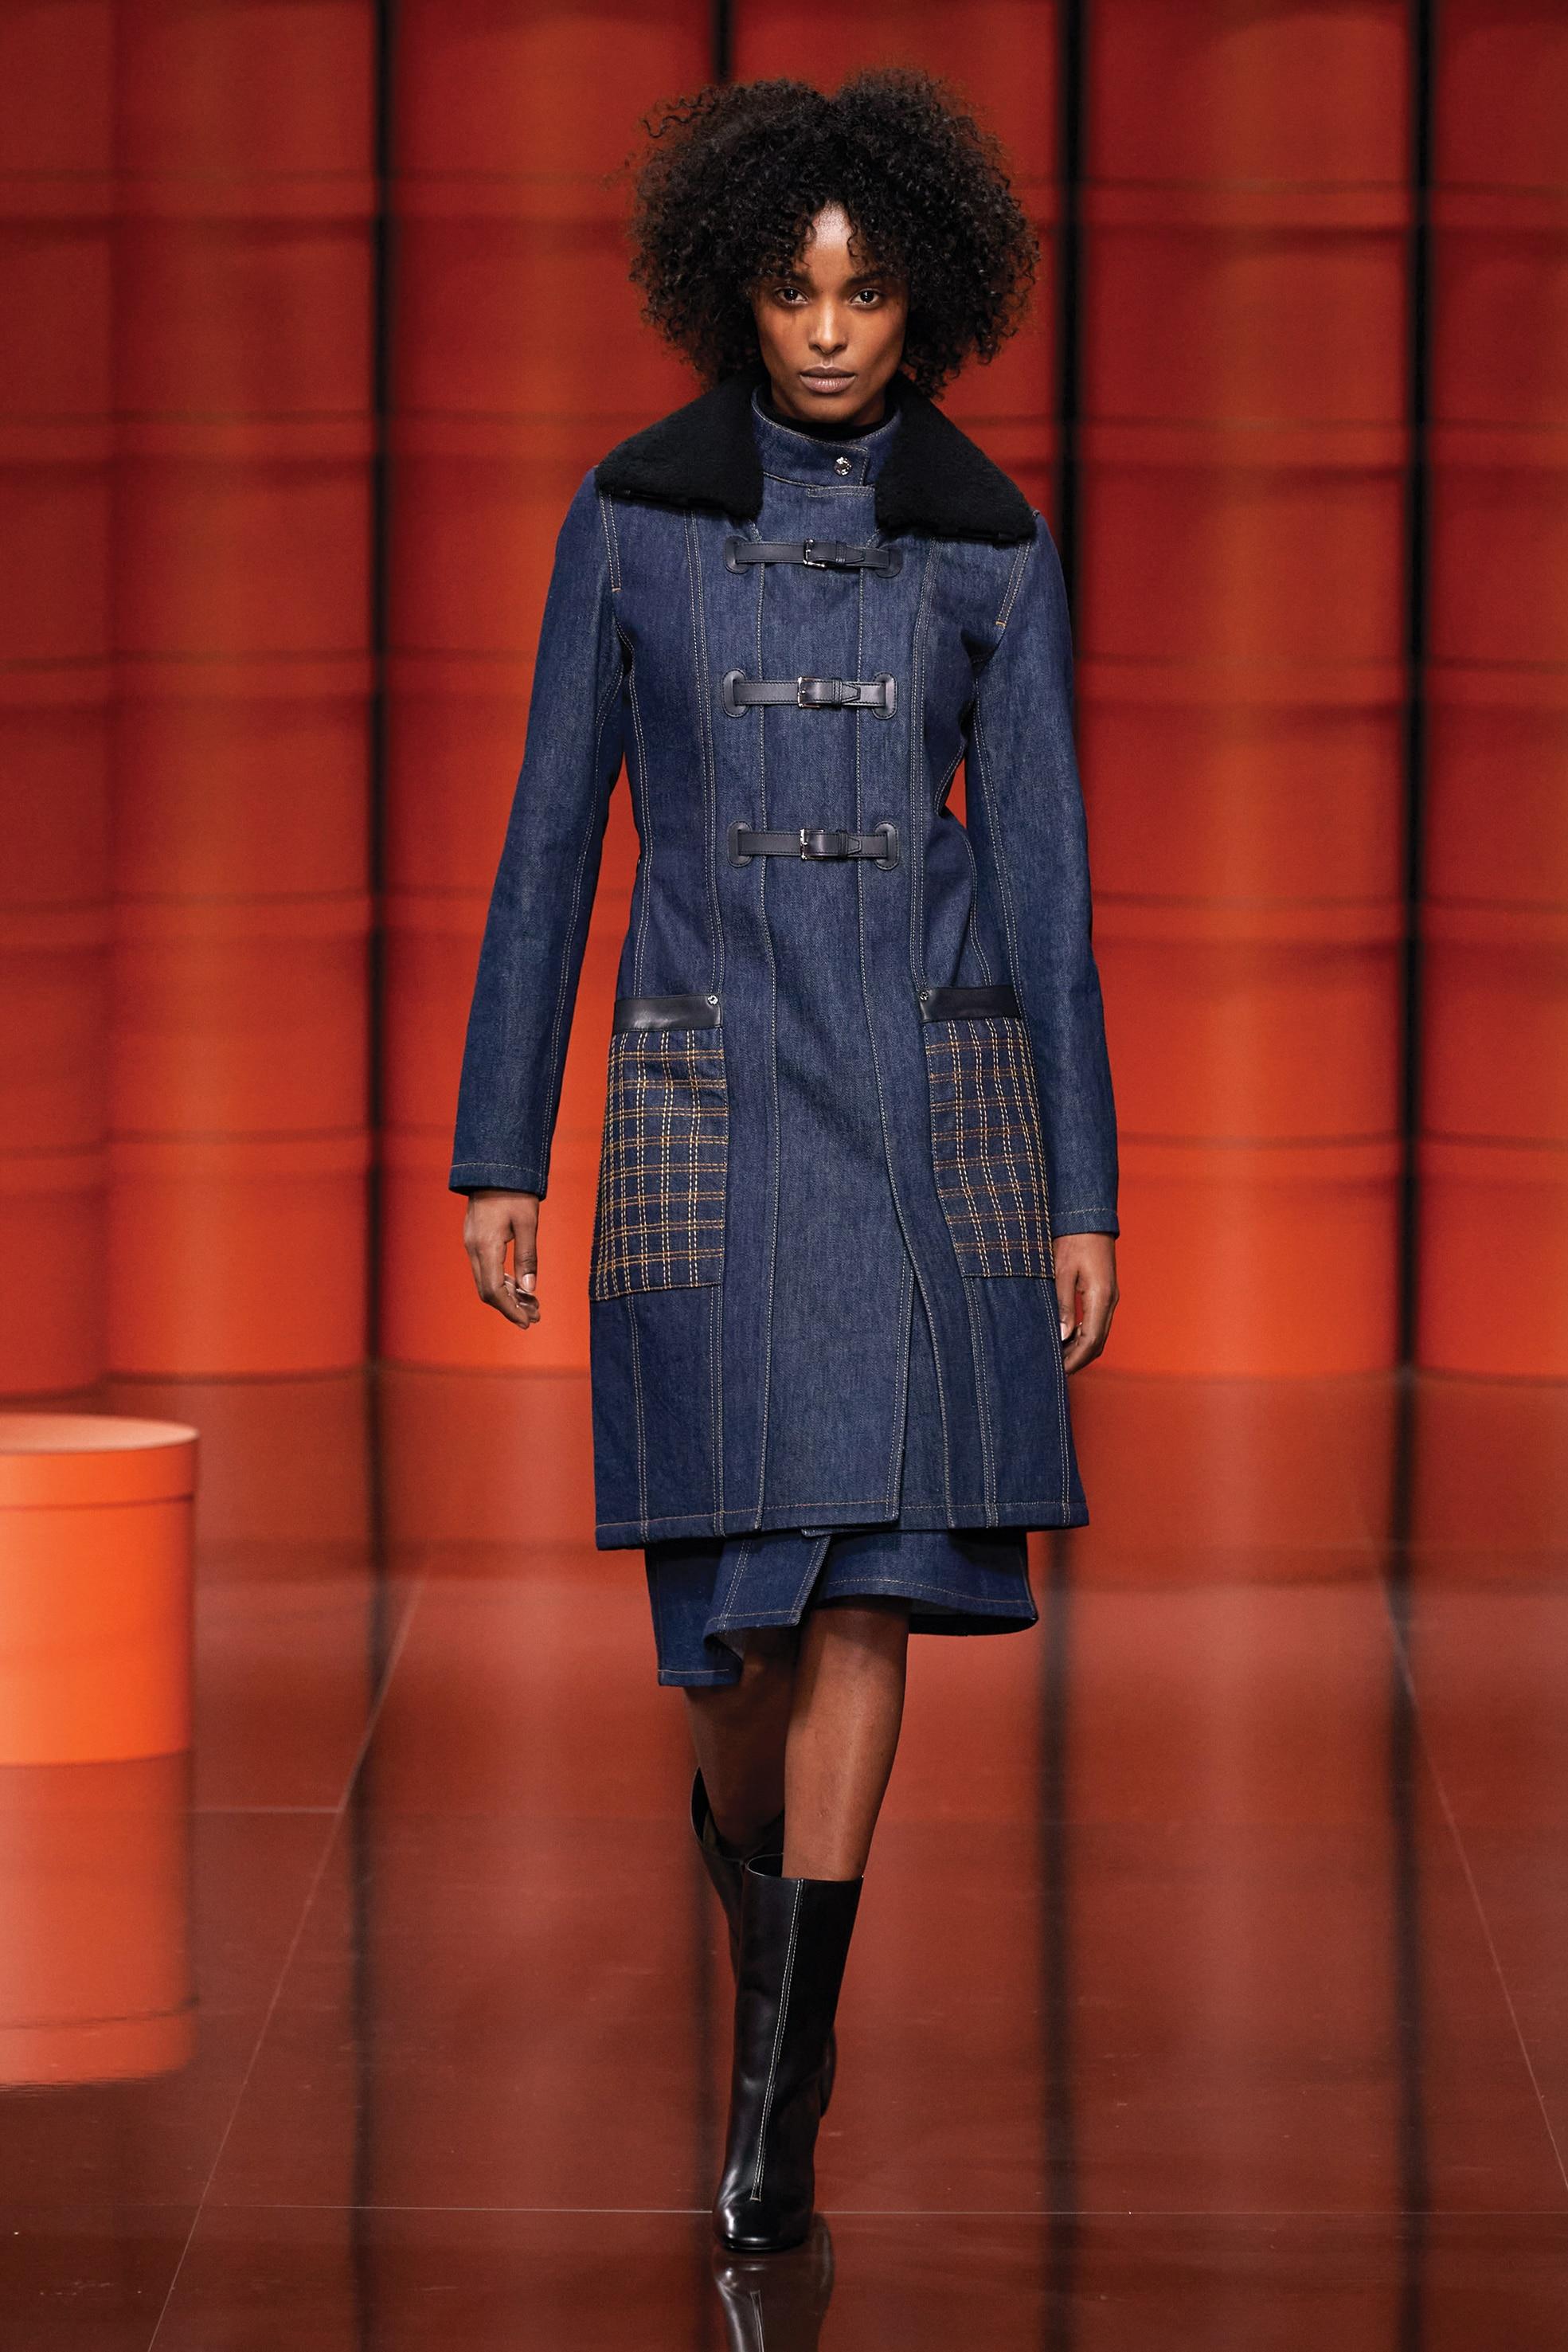 Hermès. Cappotto in denim blu indaco con dettagli in pelle e gonna coordinata.